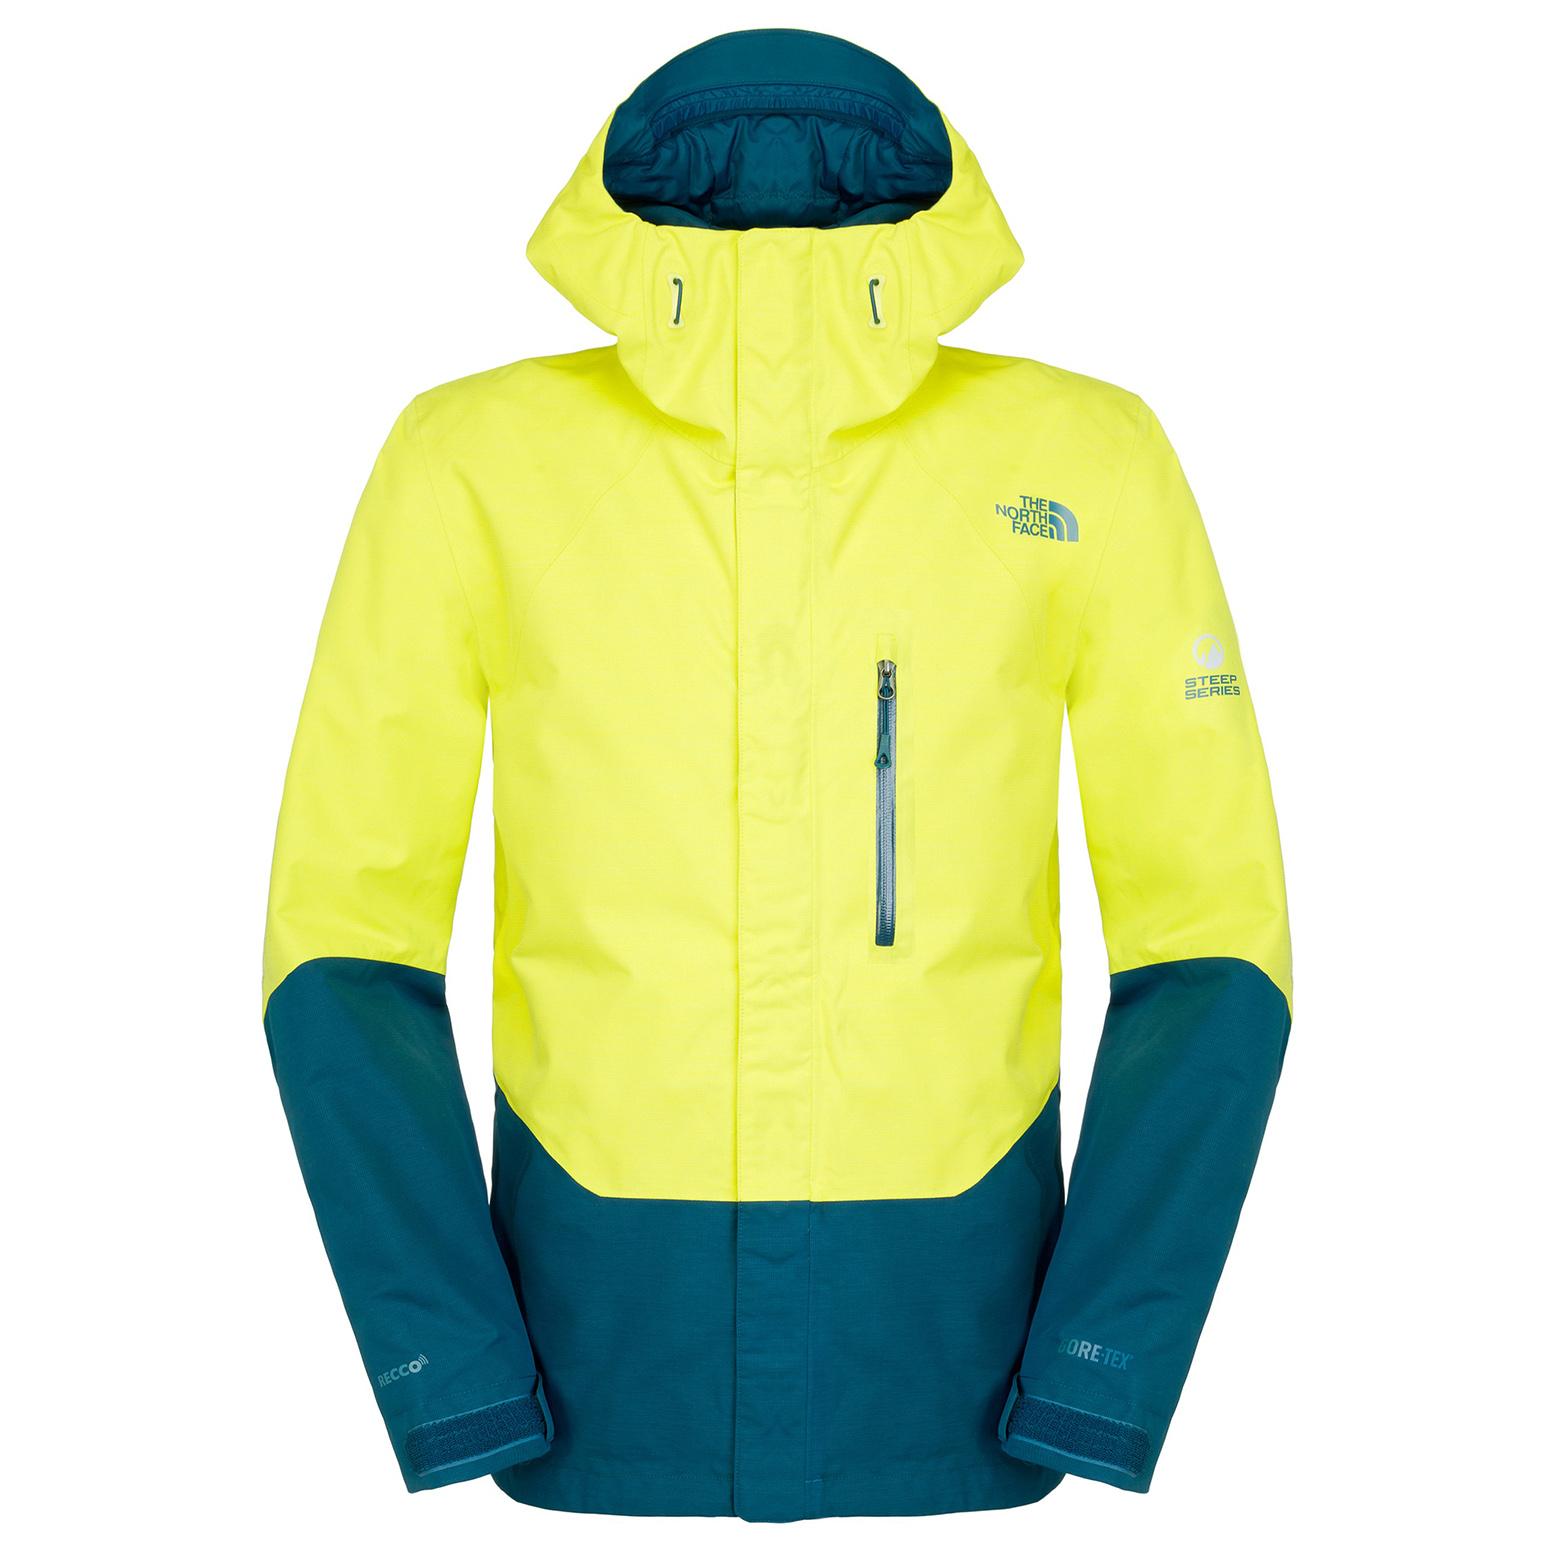 美國百分百【The North Face】外套 TNF 雪衣 夾克 GORE-TEX 滑雪 RECCO 黃 M E686